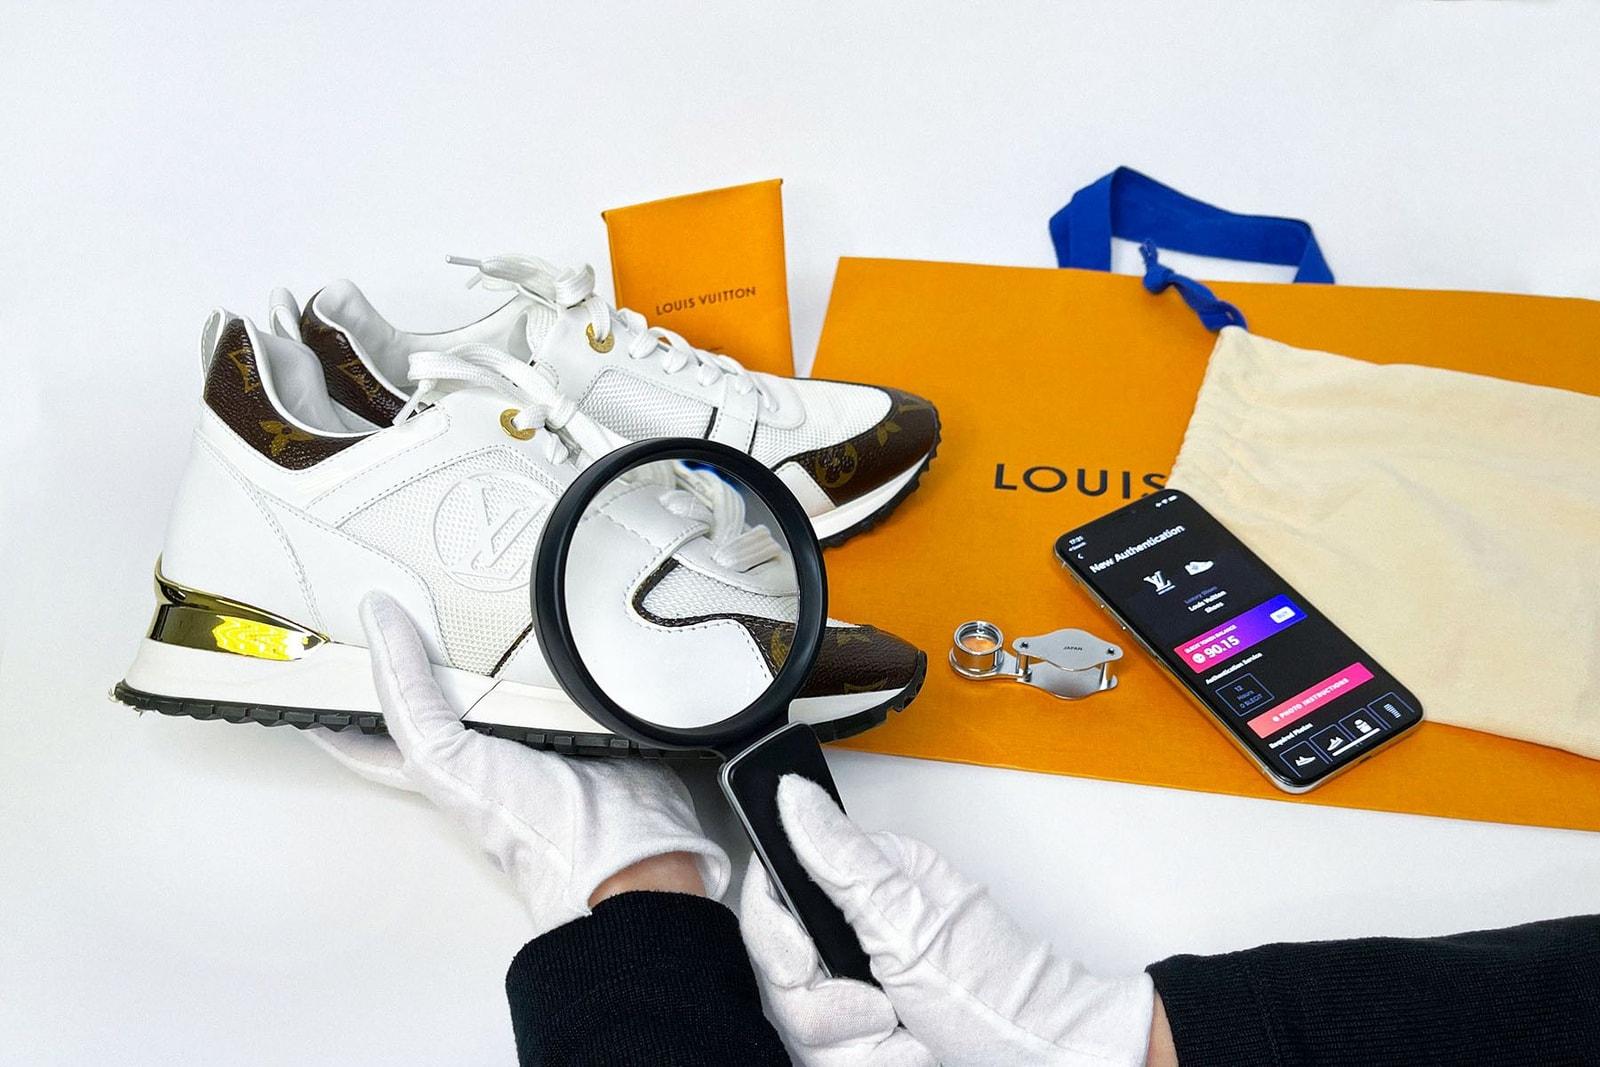 LEGIT APP,專業鑒定球鞋、潮流時裝、奢侈品手袋等時尚產品